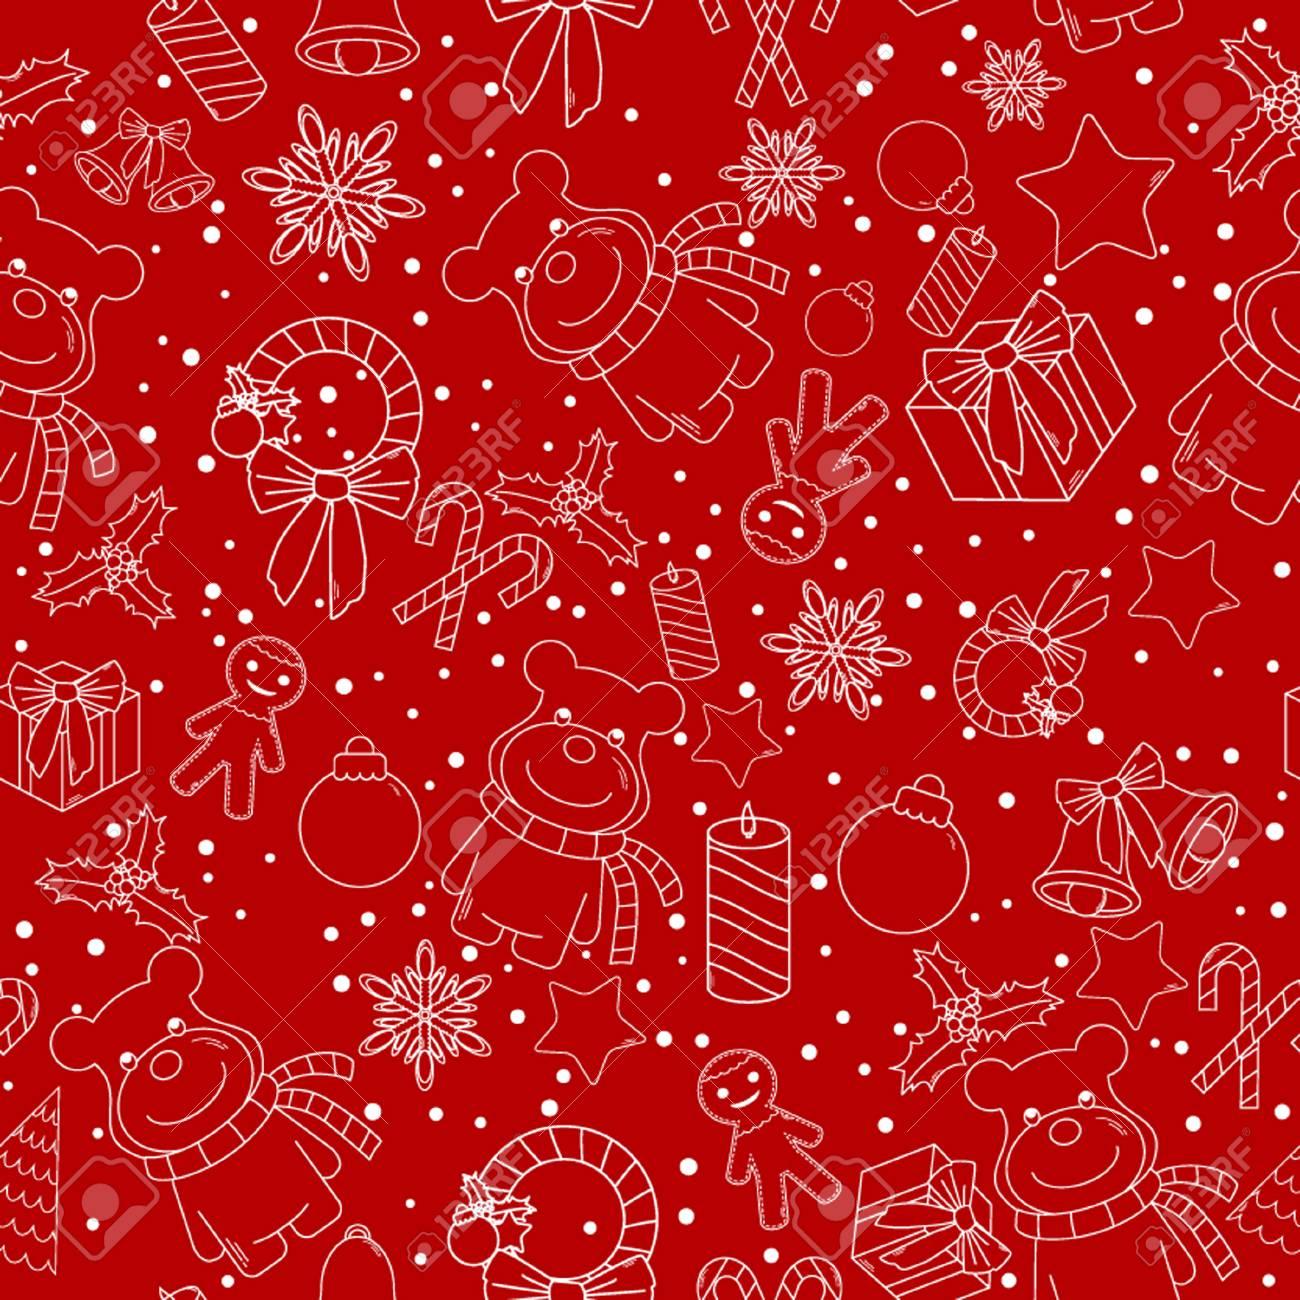 Ligne De Noël Icônes Seamless Background. Seamless Peut être